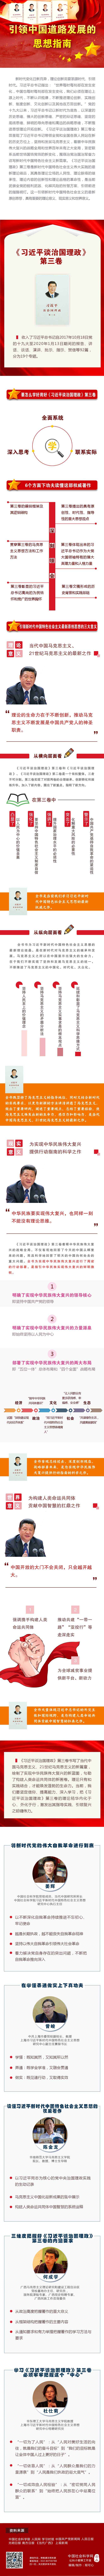 【图解】引领中国道路发展的思想指南